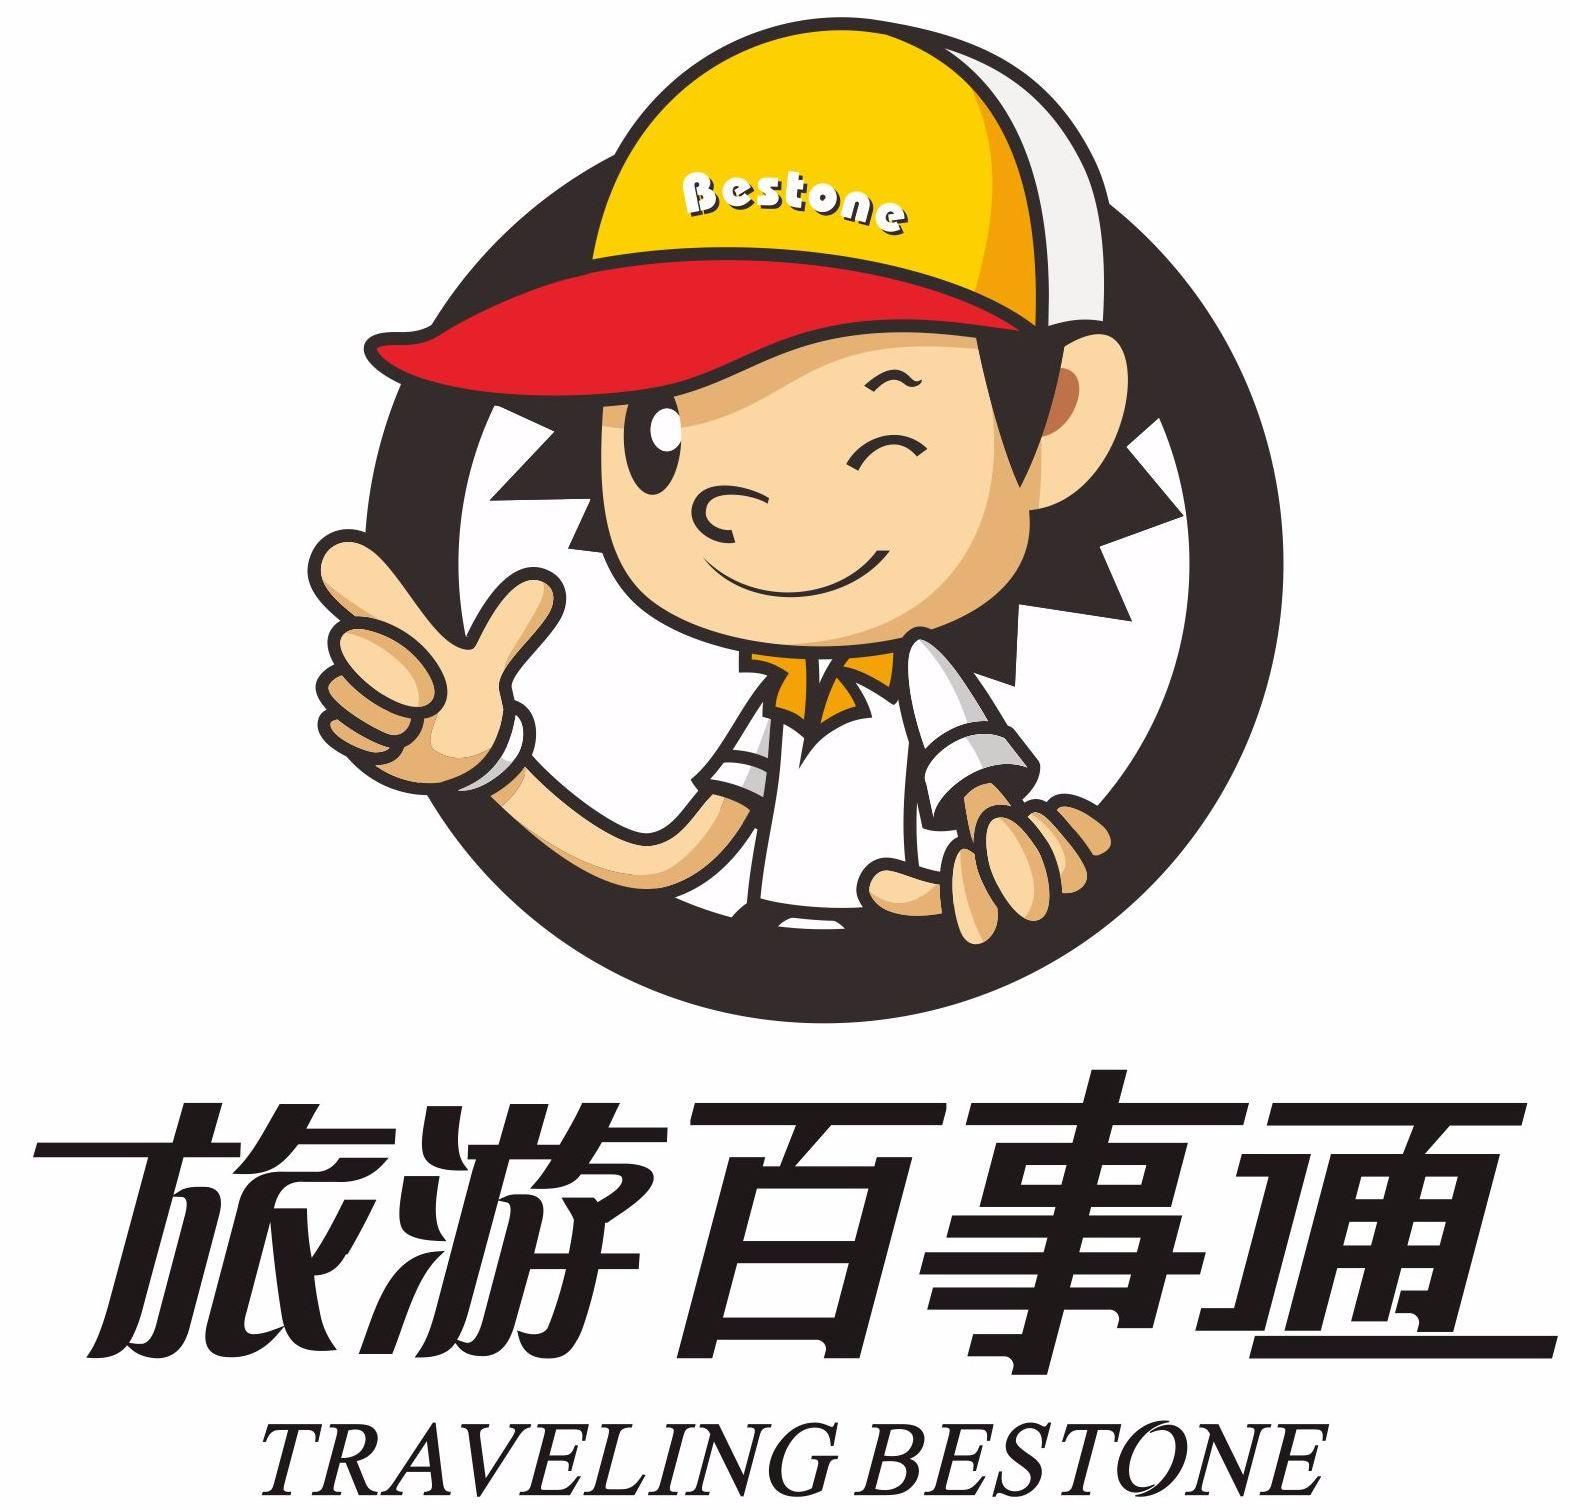 旅游销售顾问_安徽百事通国际旅行社有限公司